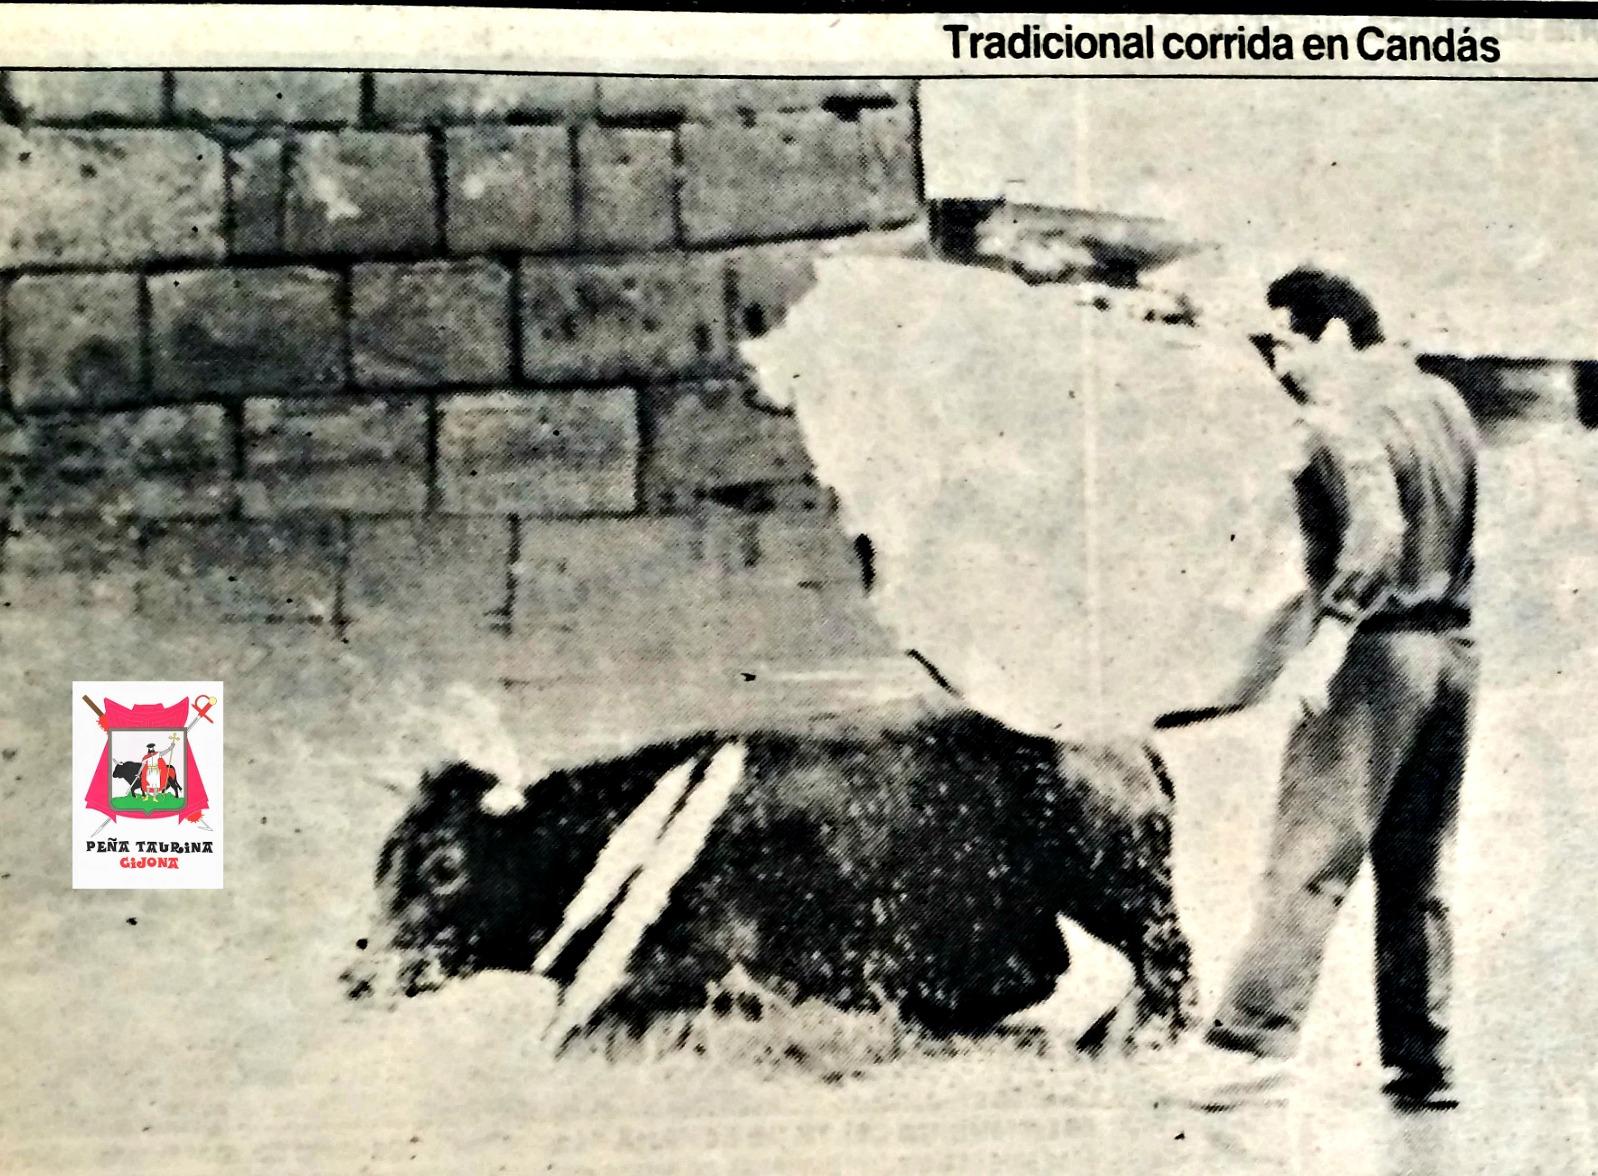 CANDÁS CORRIDA DE TOROS